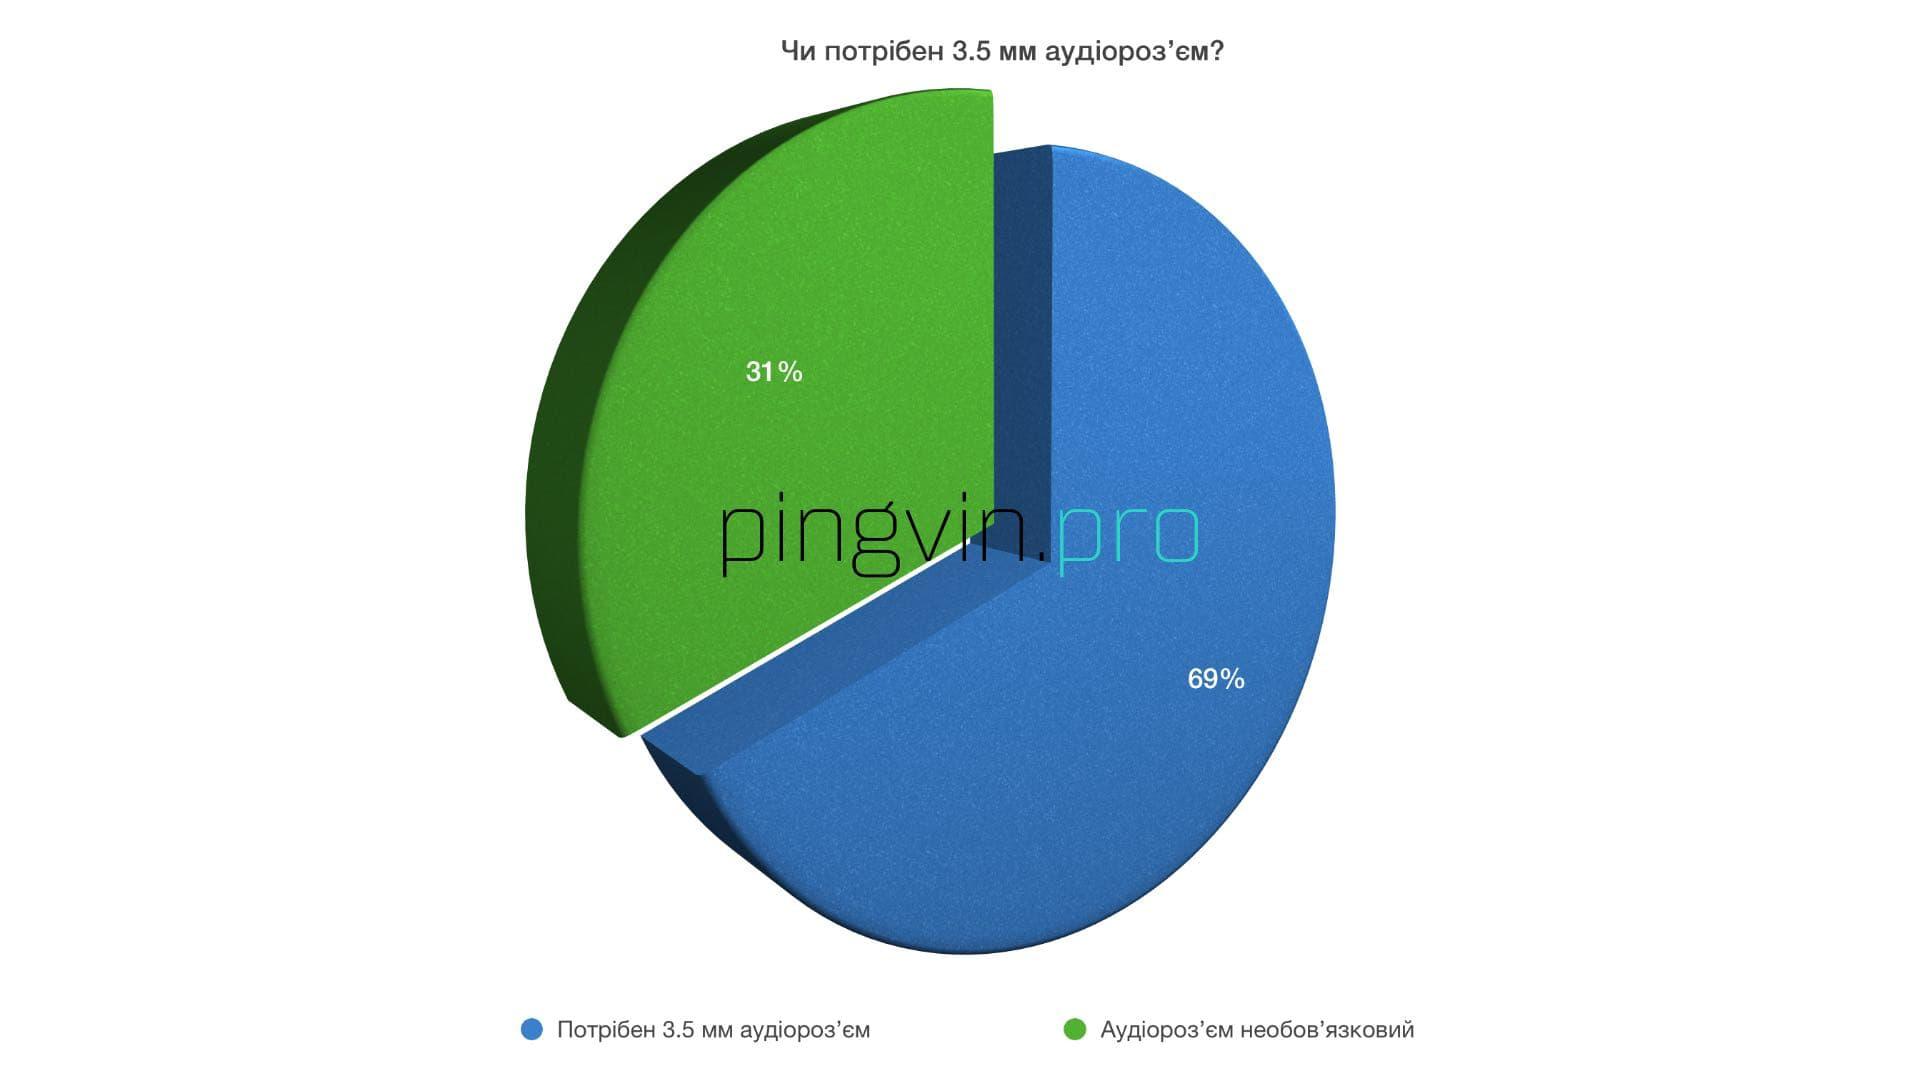 Статистика: який відсоток користувачів смартфонів може відмовитись від 3.5 мм аудіороз'єму?